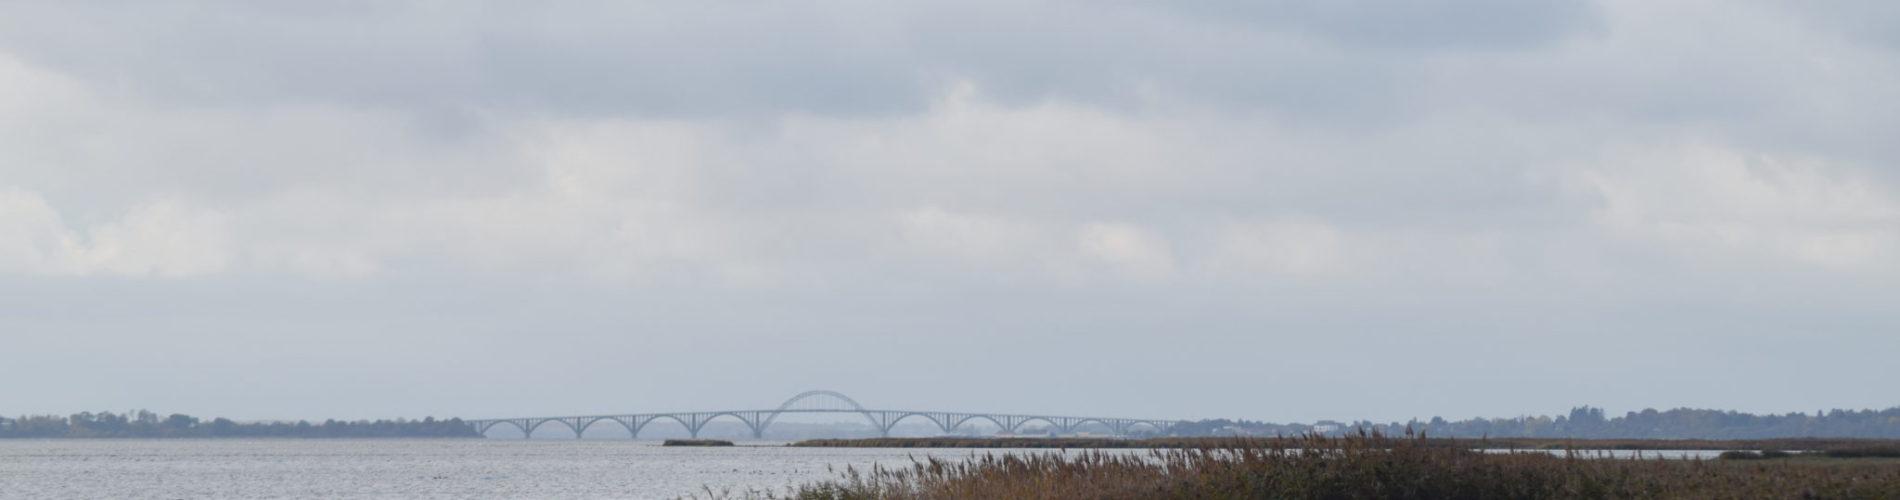 Smuk udsigt over sundet med Mønbroen i baggrunden. Oplev Møn.